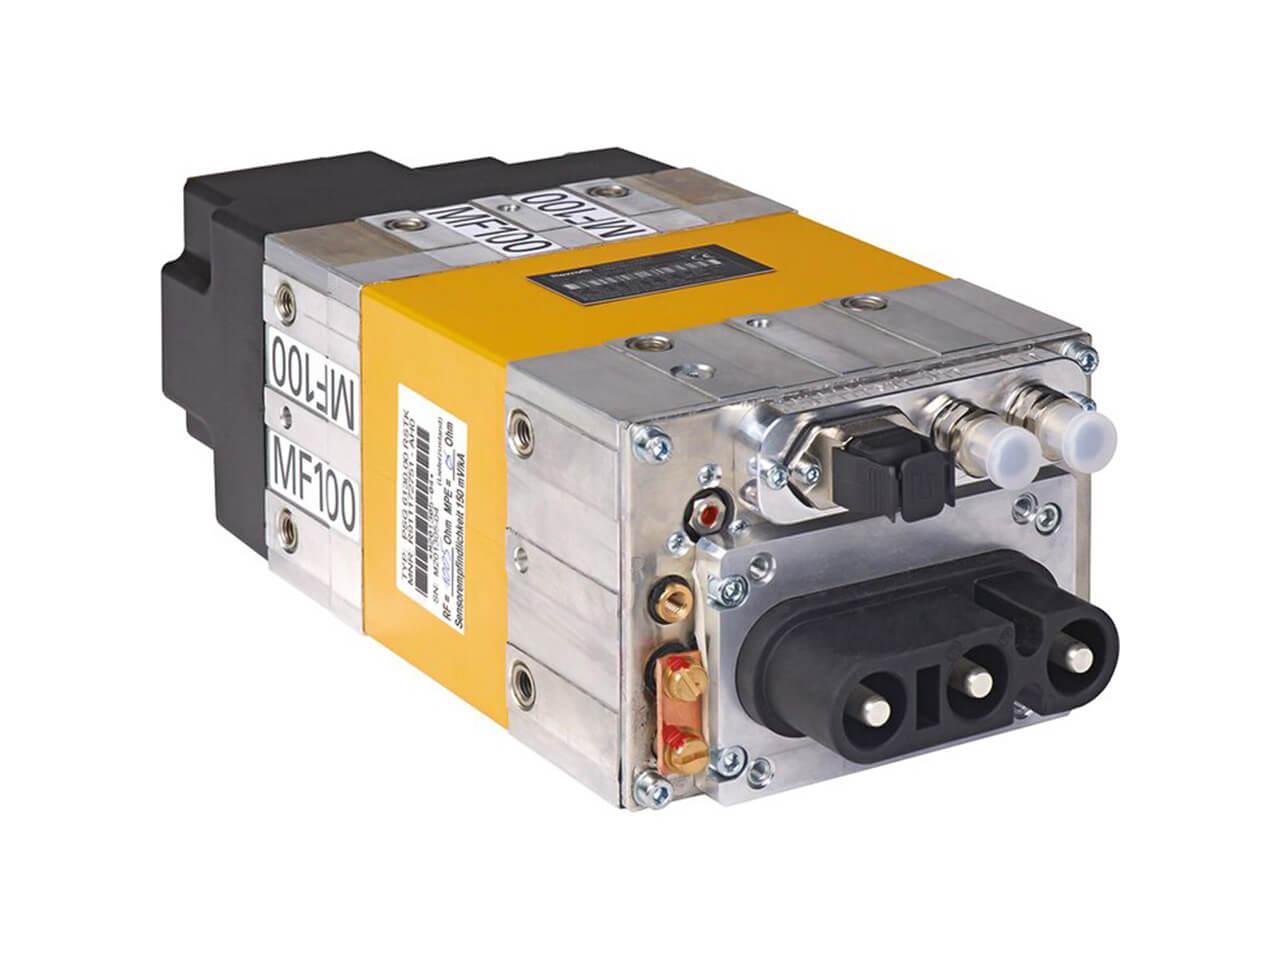 Srednje Frekvenčni Varilni Transformator – PSG 6130.00 PSK